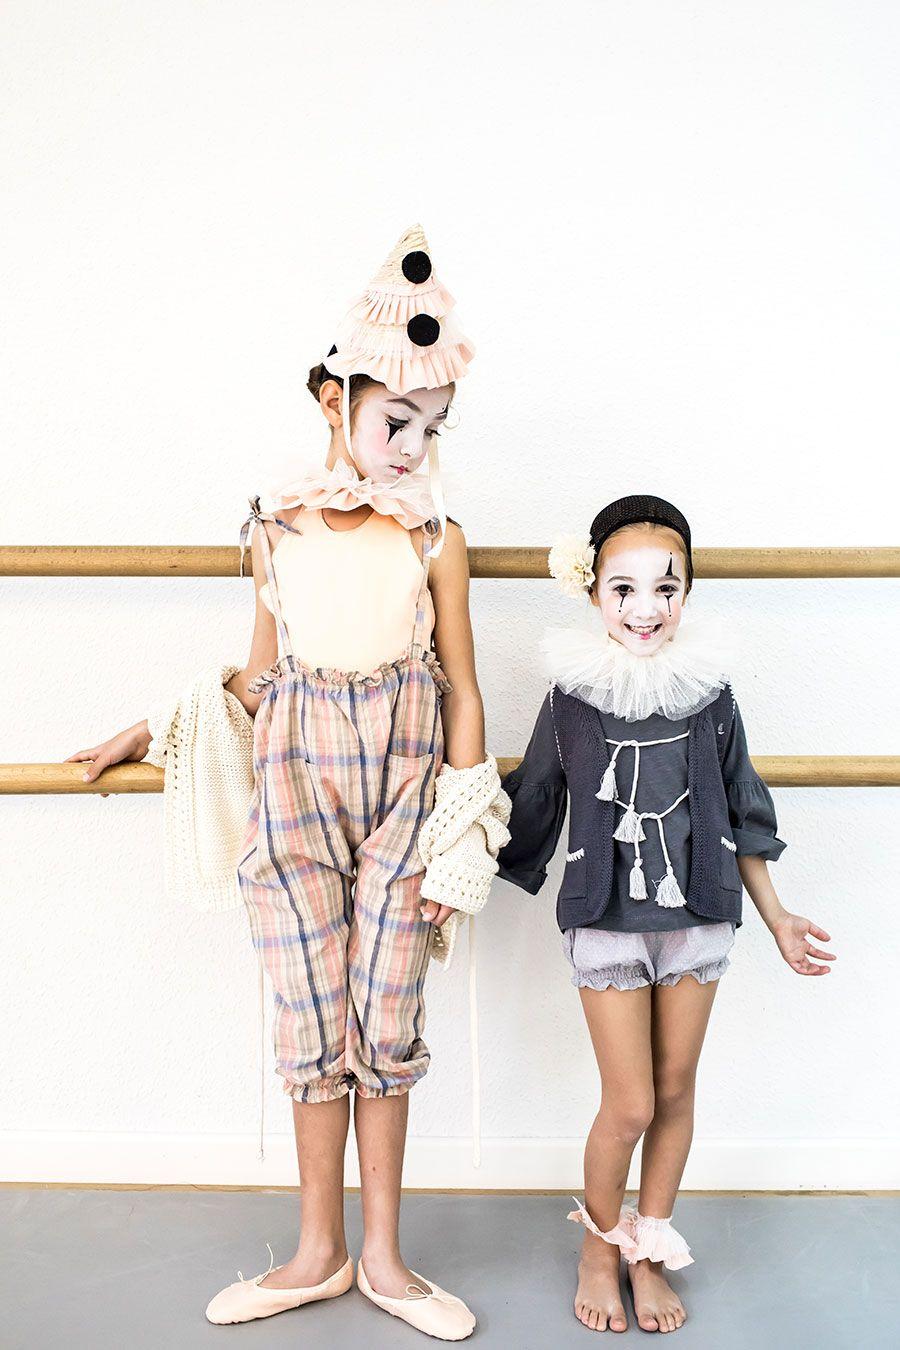 La moda más original para este verano ¡Arlequino